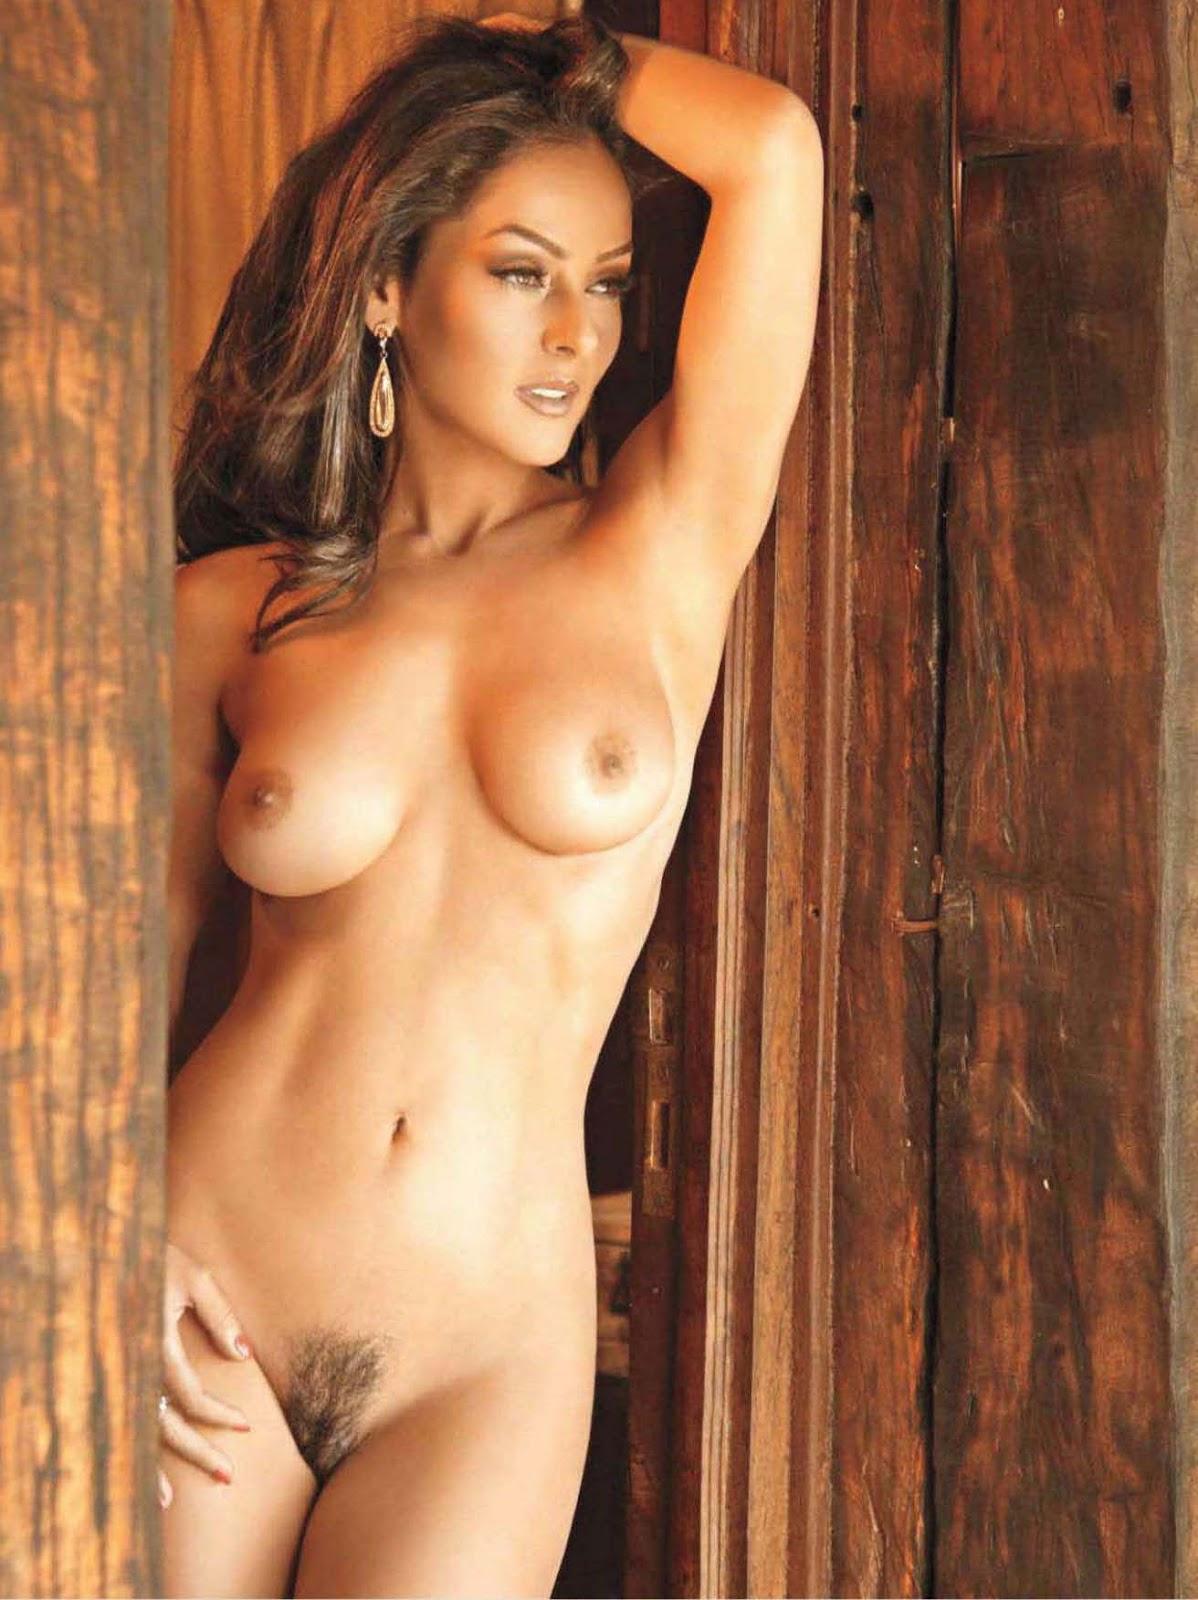 garcia hairy Andrea nude